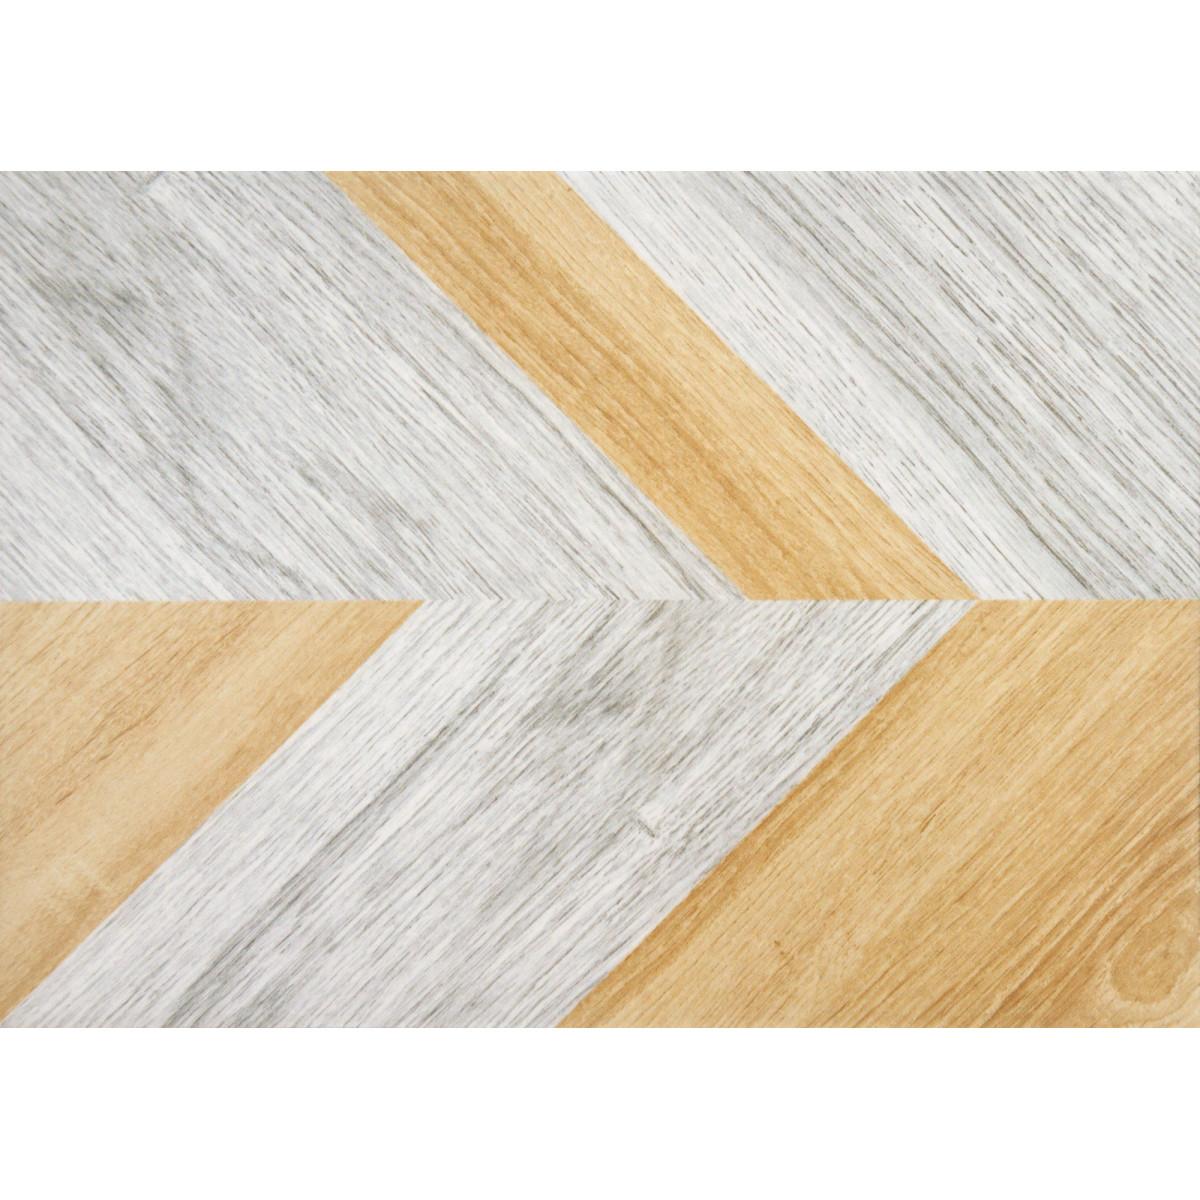 Плитка настенная Wood Шевро 35x25 см 1.4 м2